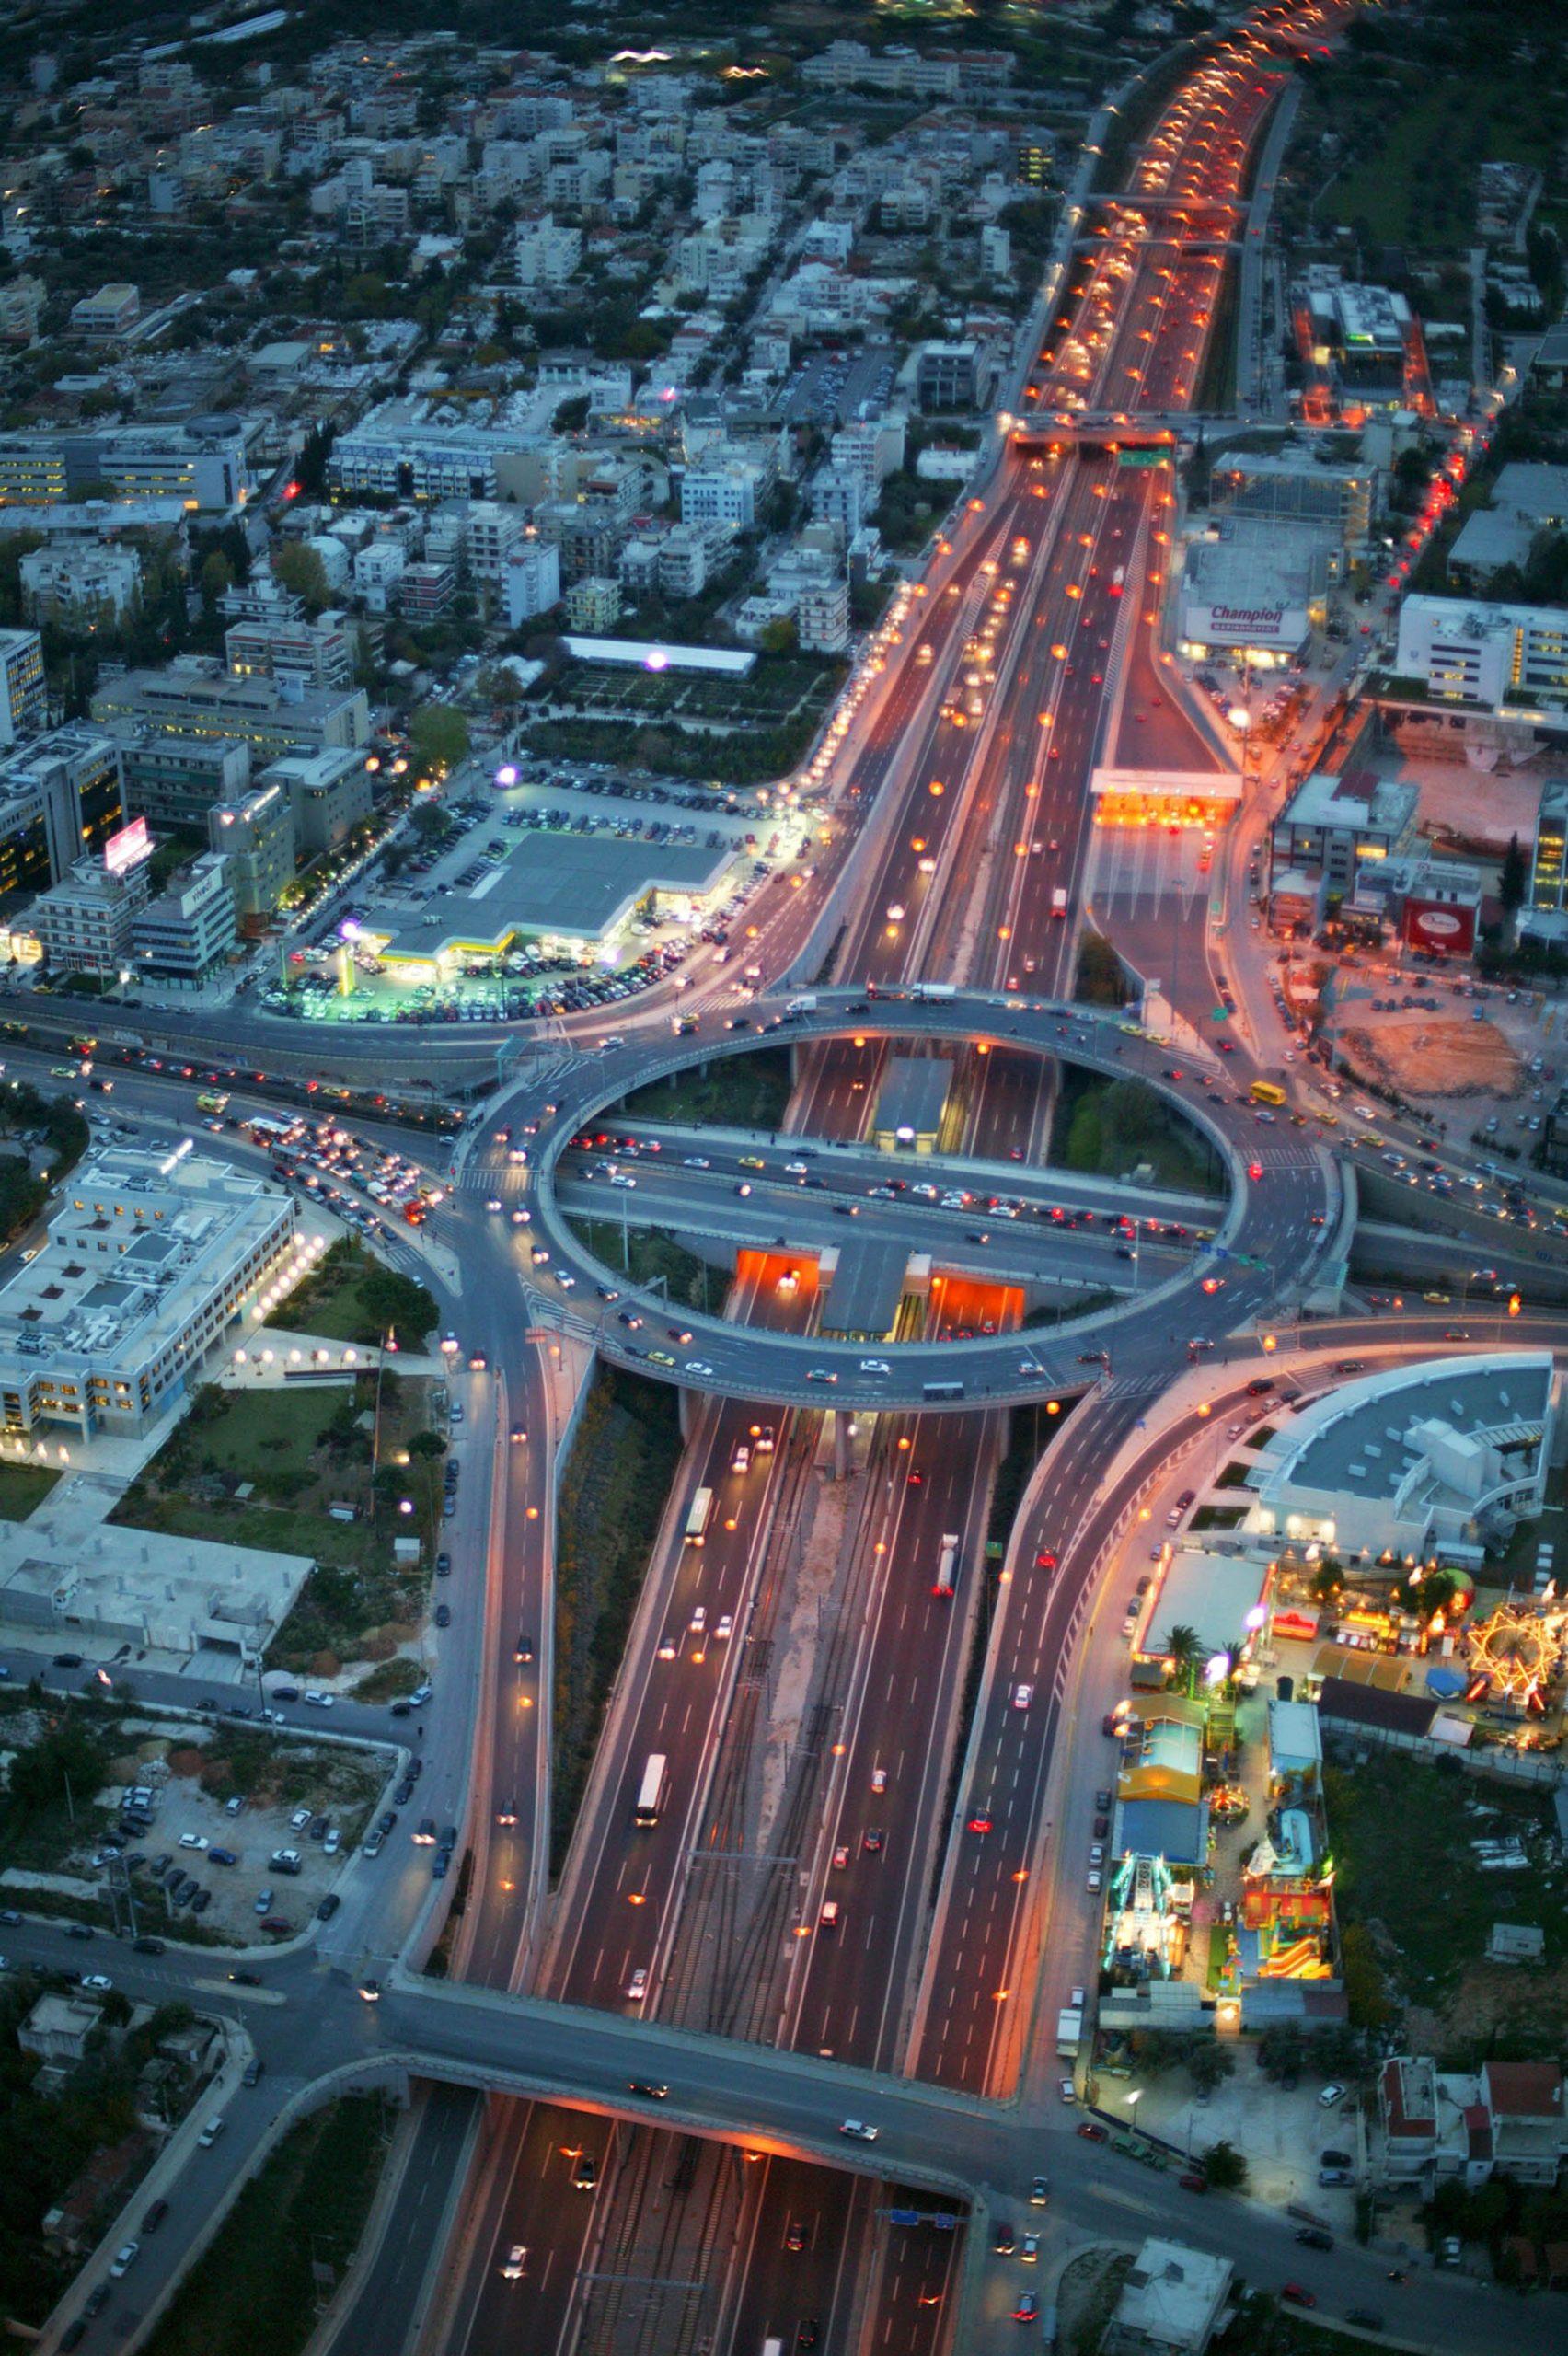 Κατά 37,5% αυξημένη η κυκλοφορία στις κεντρικές οδικές αρτηρίες της Αττικής μεταξύ του πρώτου και δεύτερου lockdown